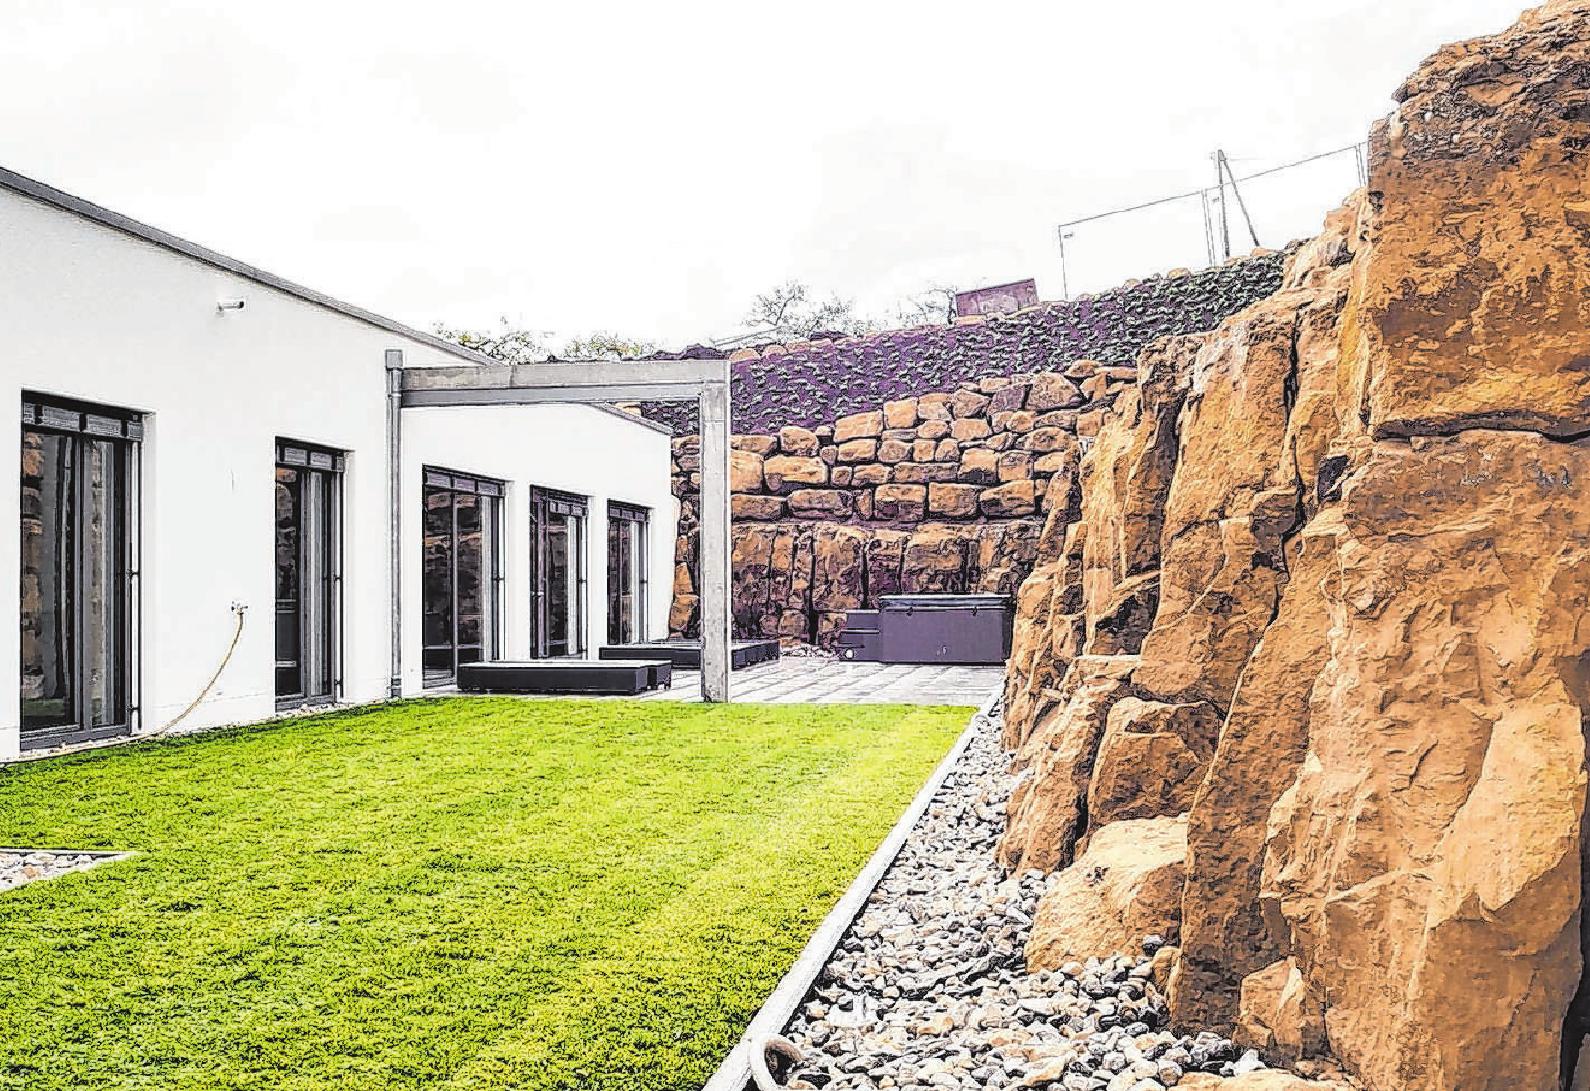 Der Neubau in der Dieselstraße präsentiert sich klassisch-modern – mit schlicht-eleganter weißer Fassade, Flachdach und großen Fensterflächen. Fotos: Nadine Wilmanns